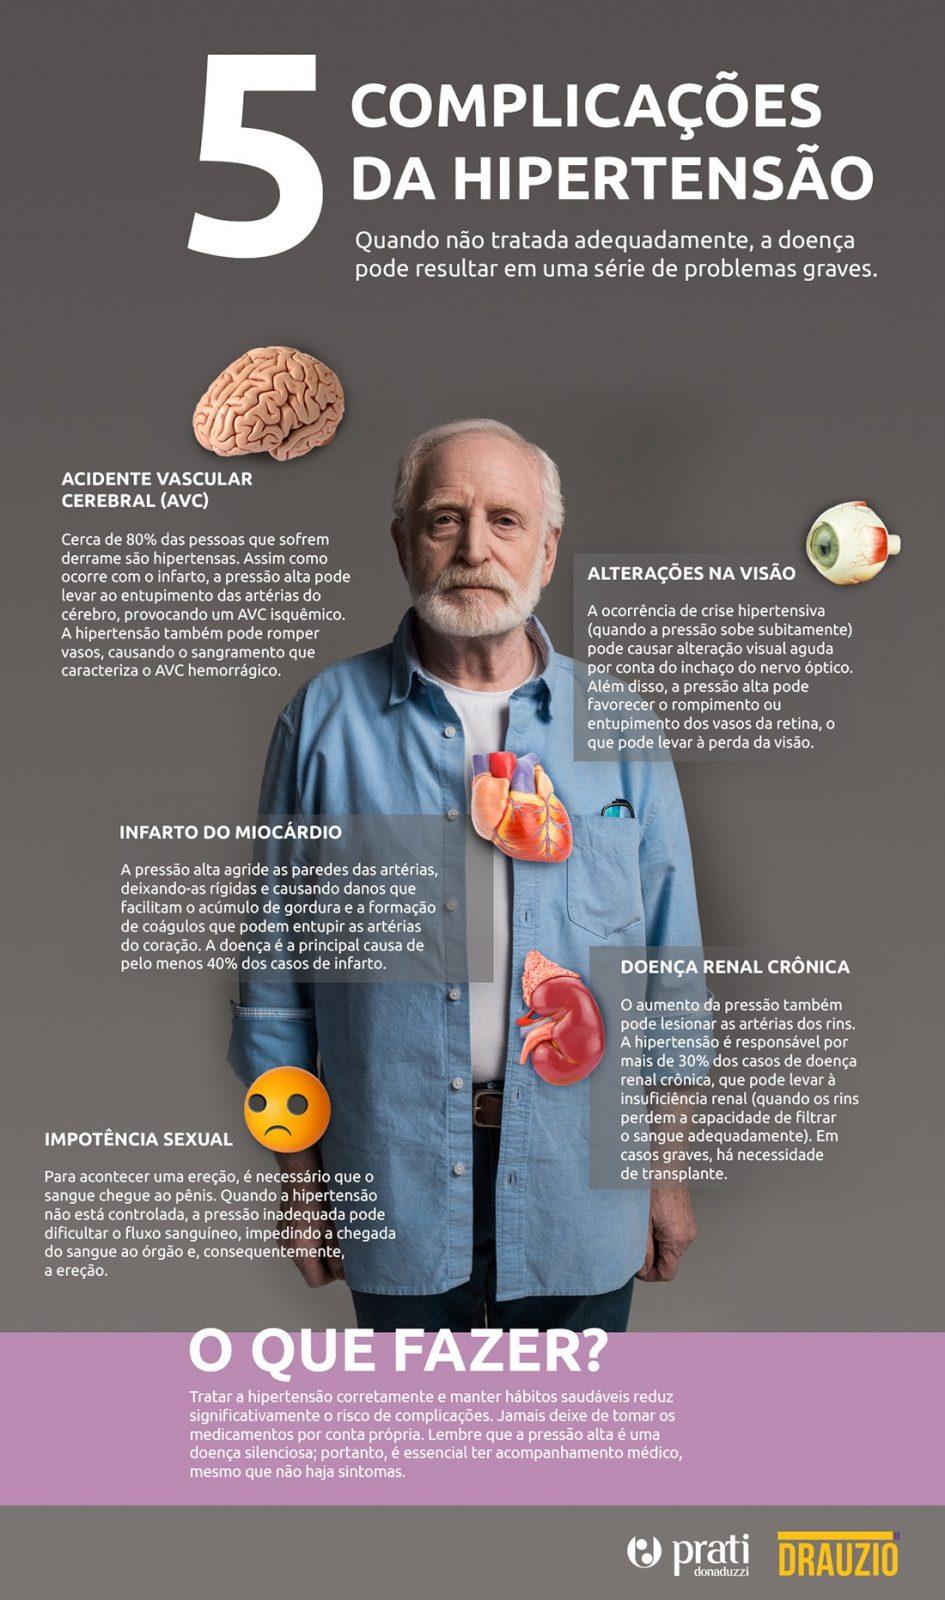 Infográfico com a foto de um homem mais velho de frente, com 5 blocos de txto descrevendo complicações da hipertensão.